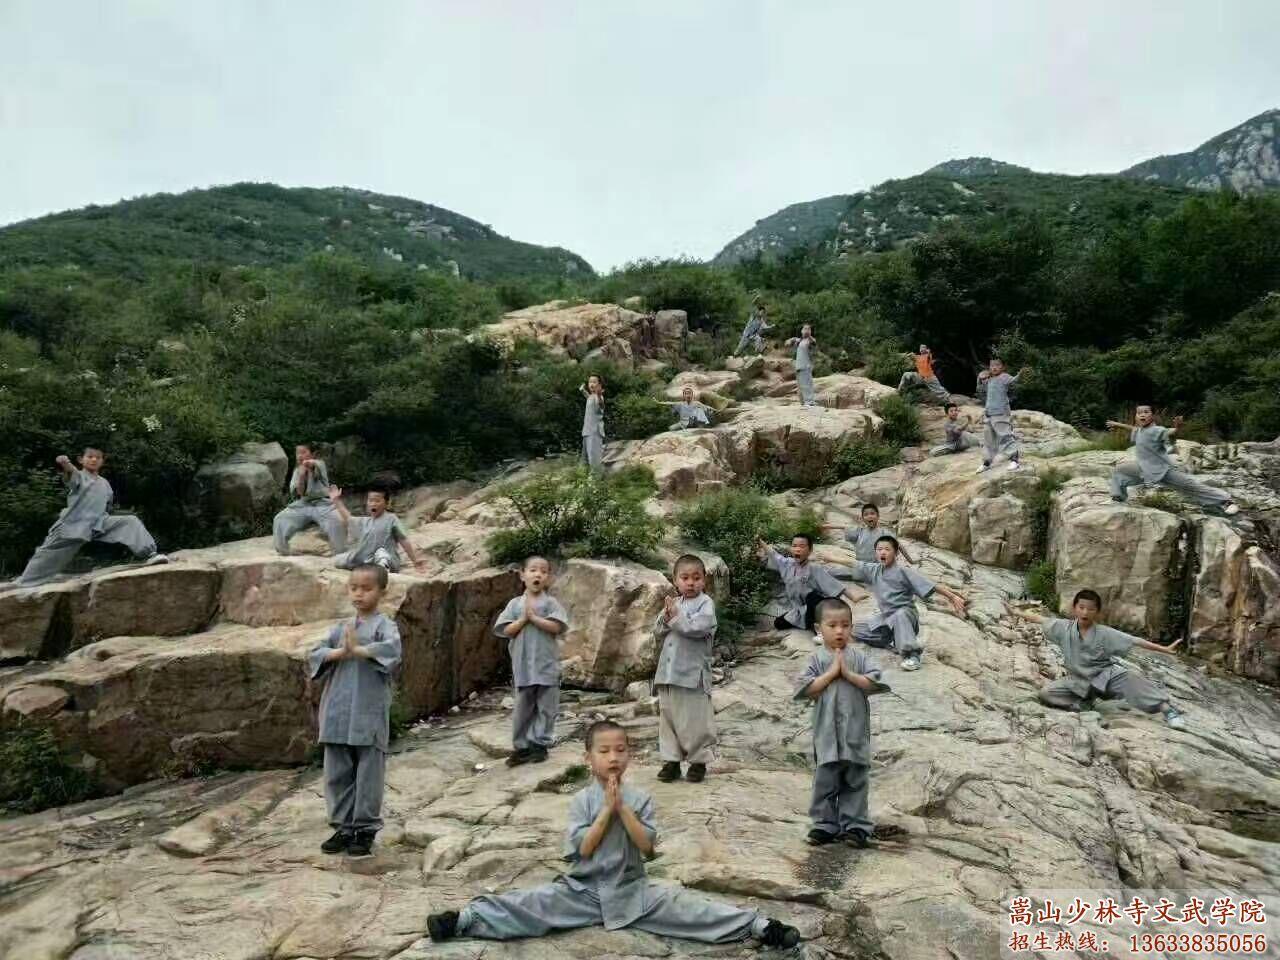 少林寺武术学校的学员在后山习武